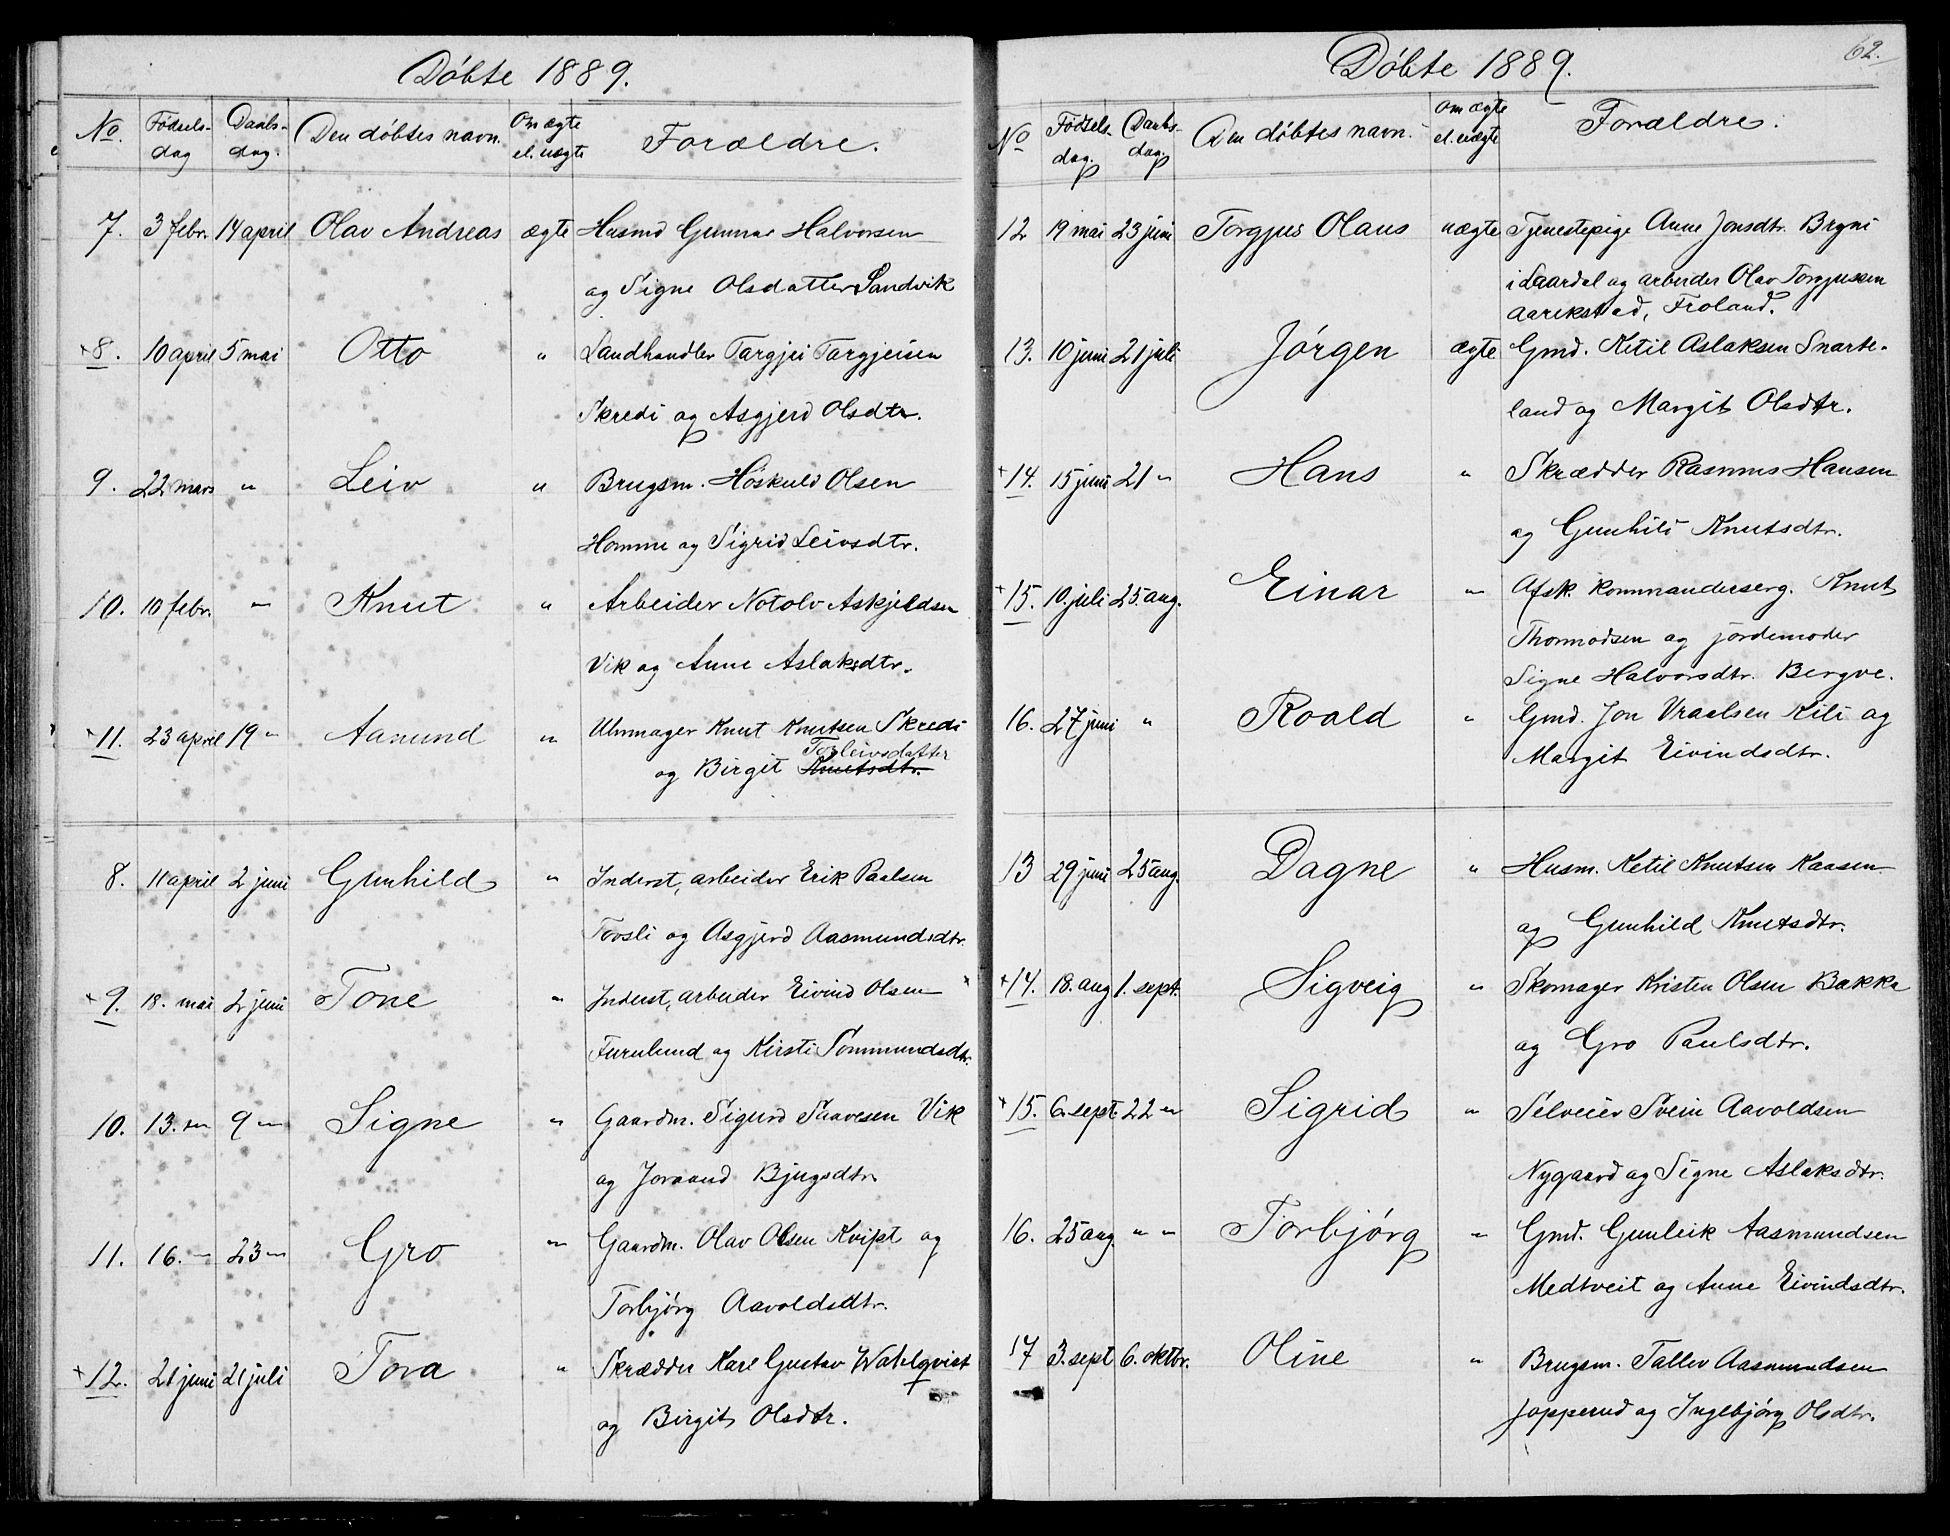 SAKO, Fyresdal kirkebøker, G/Ga/L0004: Klokkerbok nr. I 4, 1864-1892, s. 62